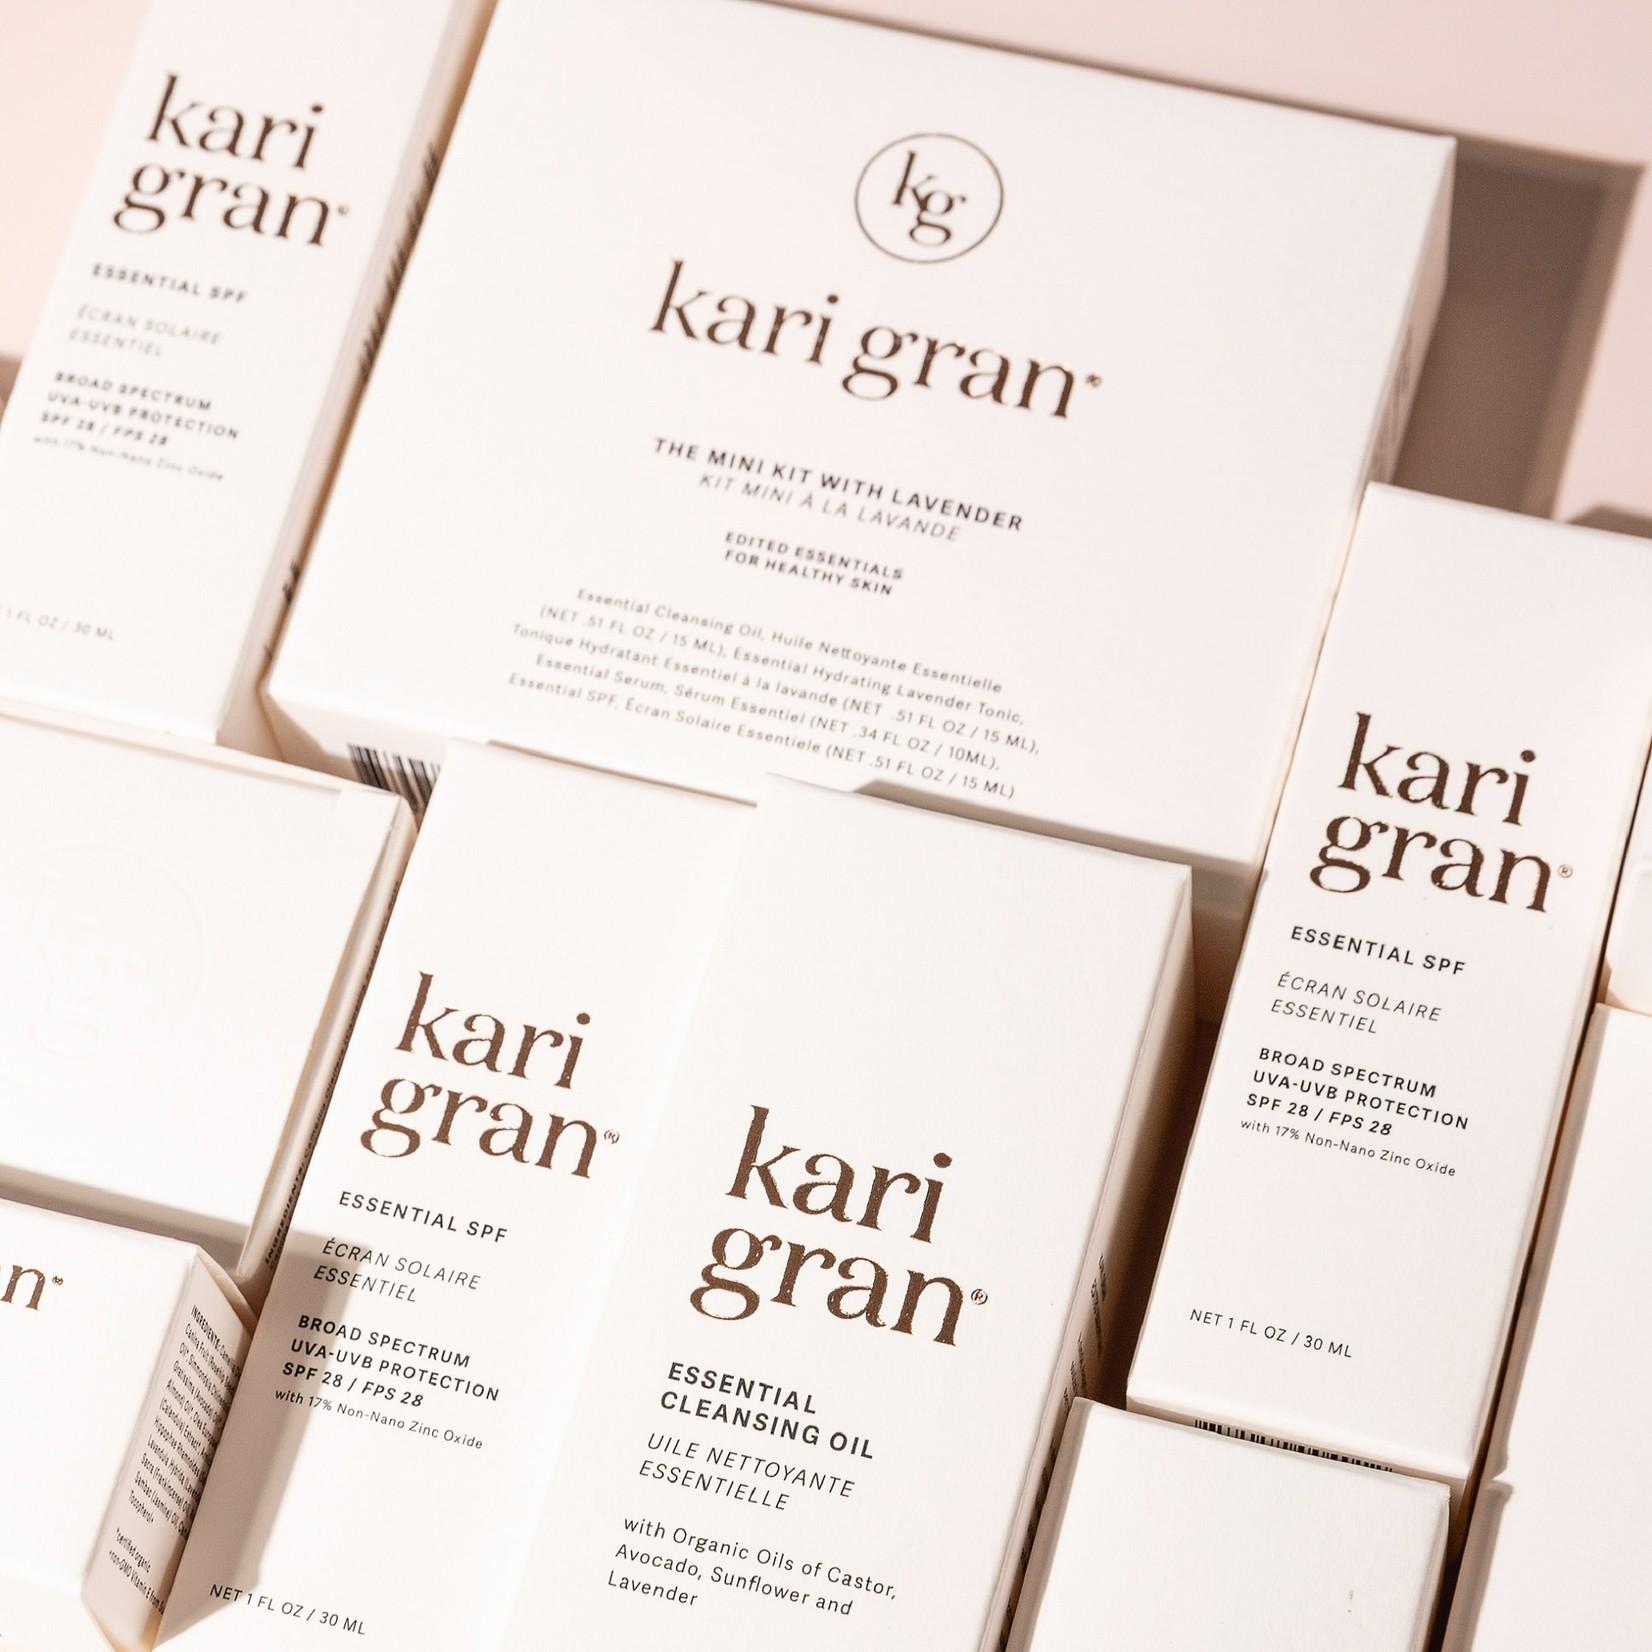 Kari gran Kari gran Essential SPF 28 - 30ml